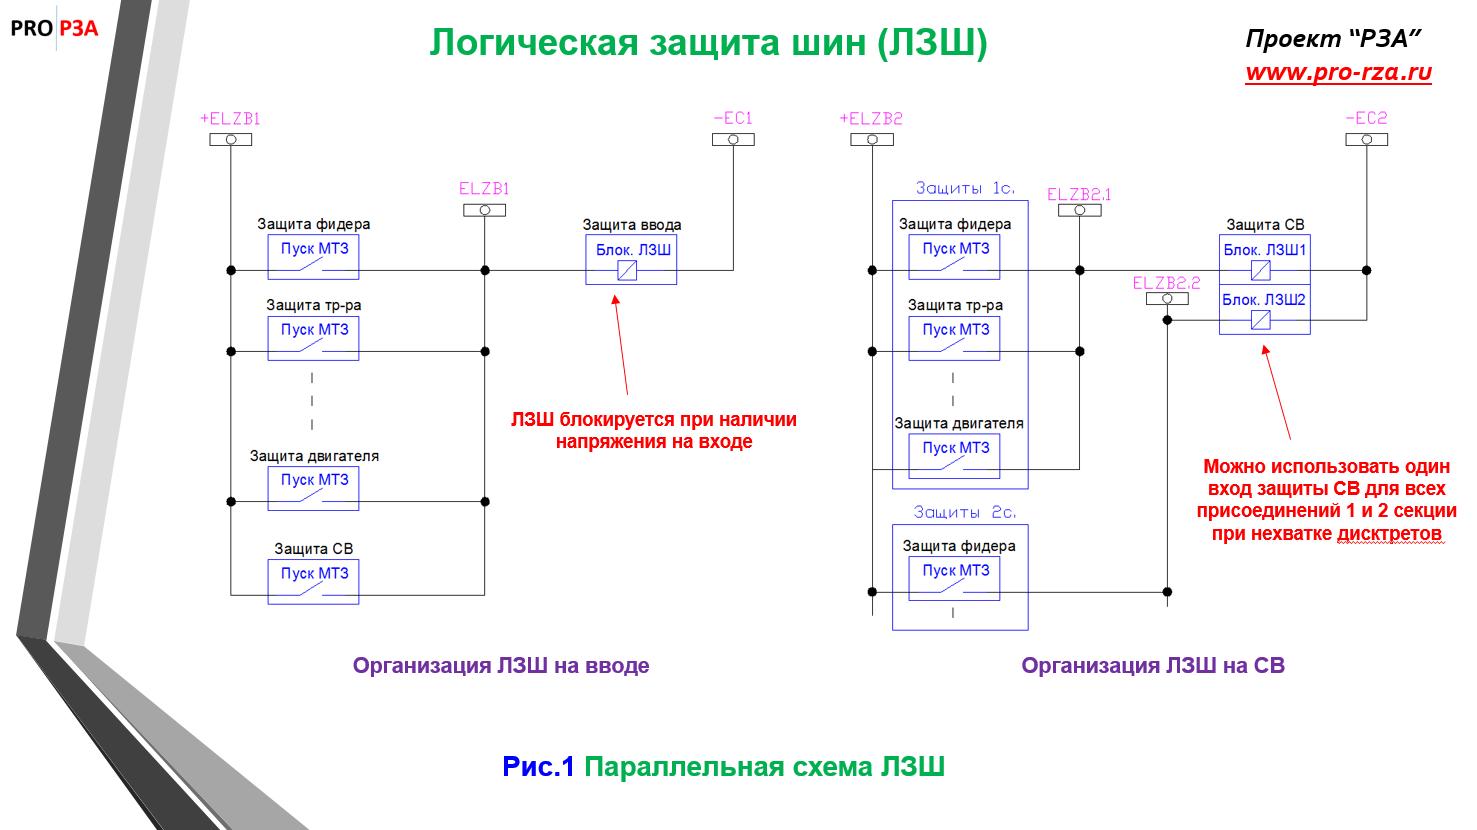 Параллельная схема ЛЗШ